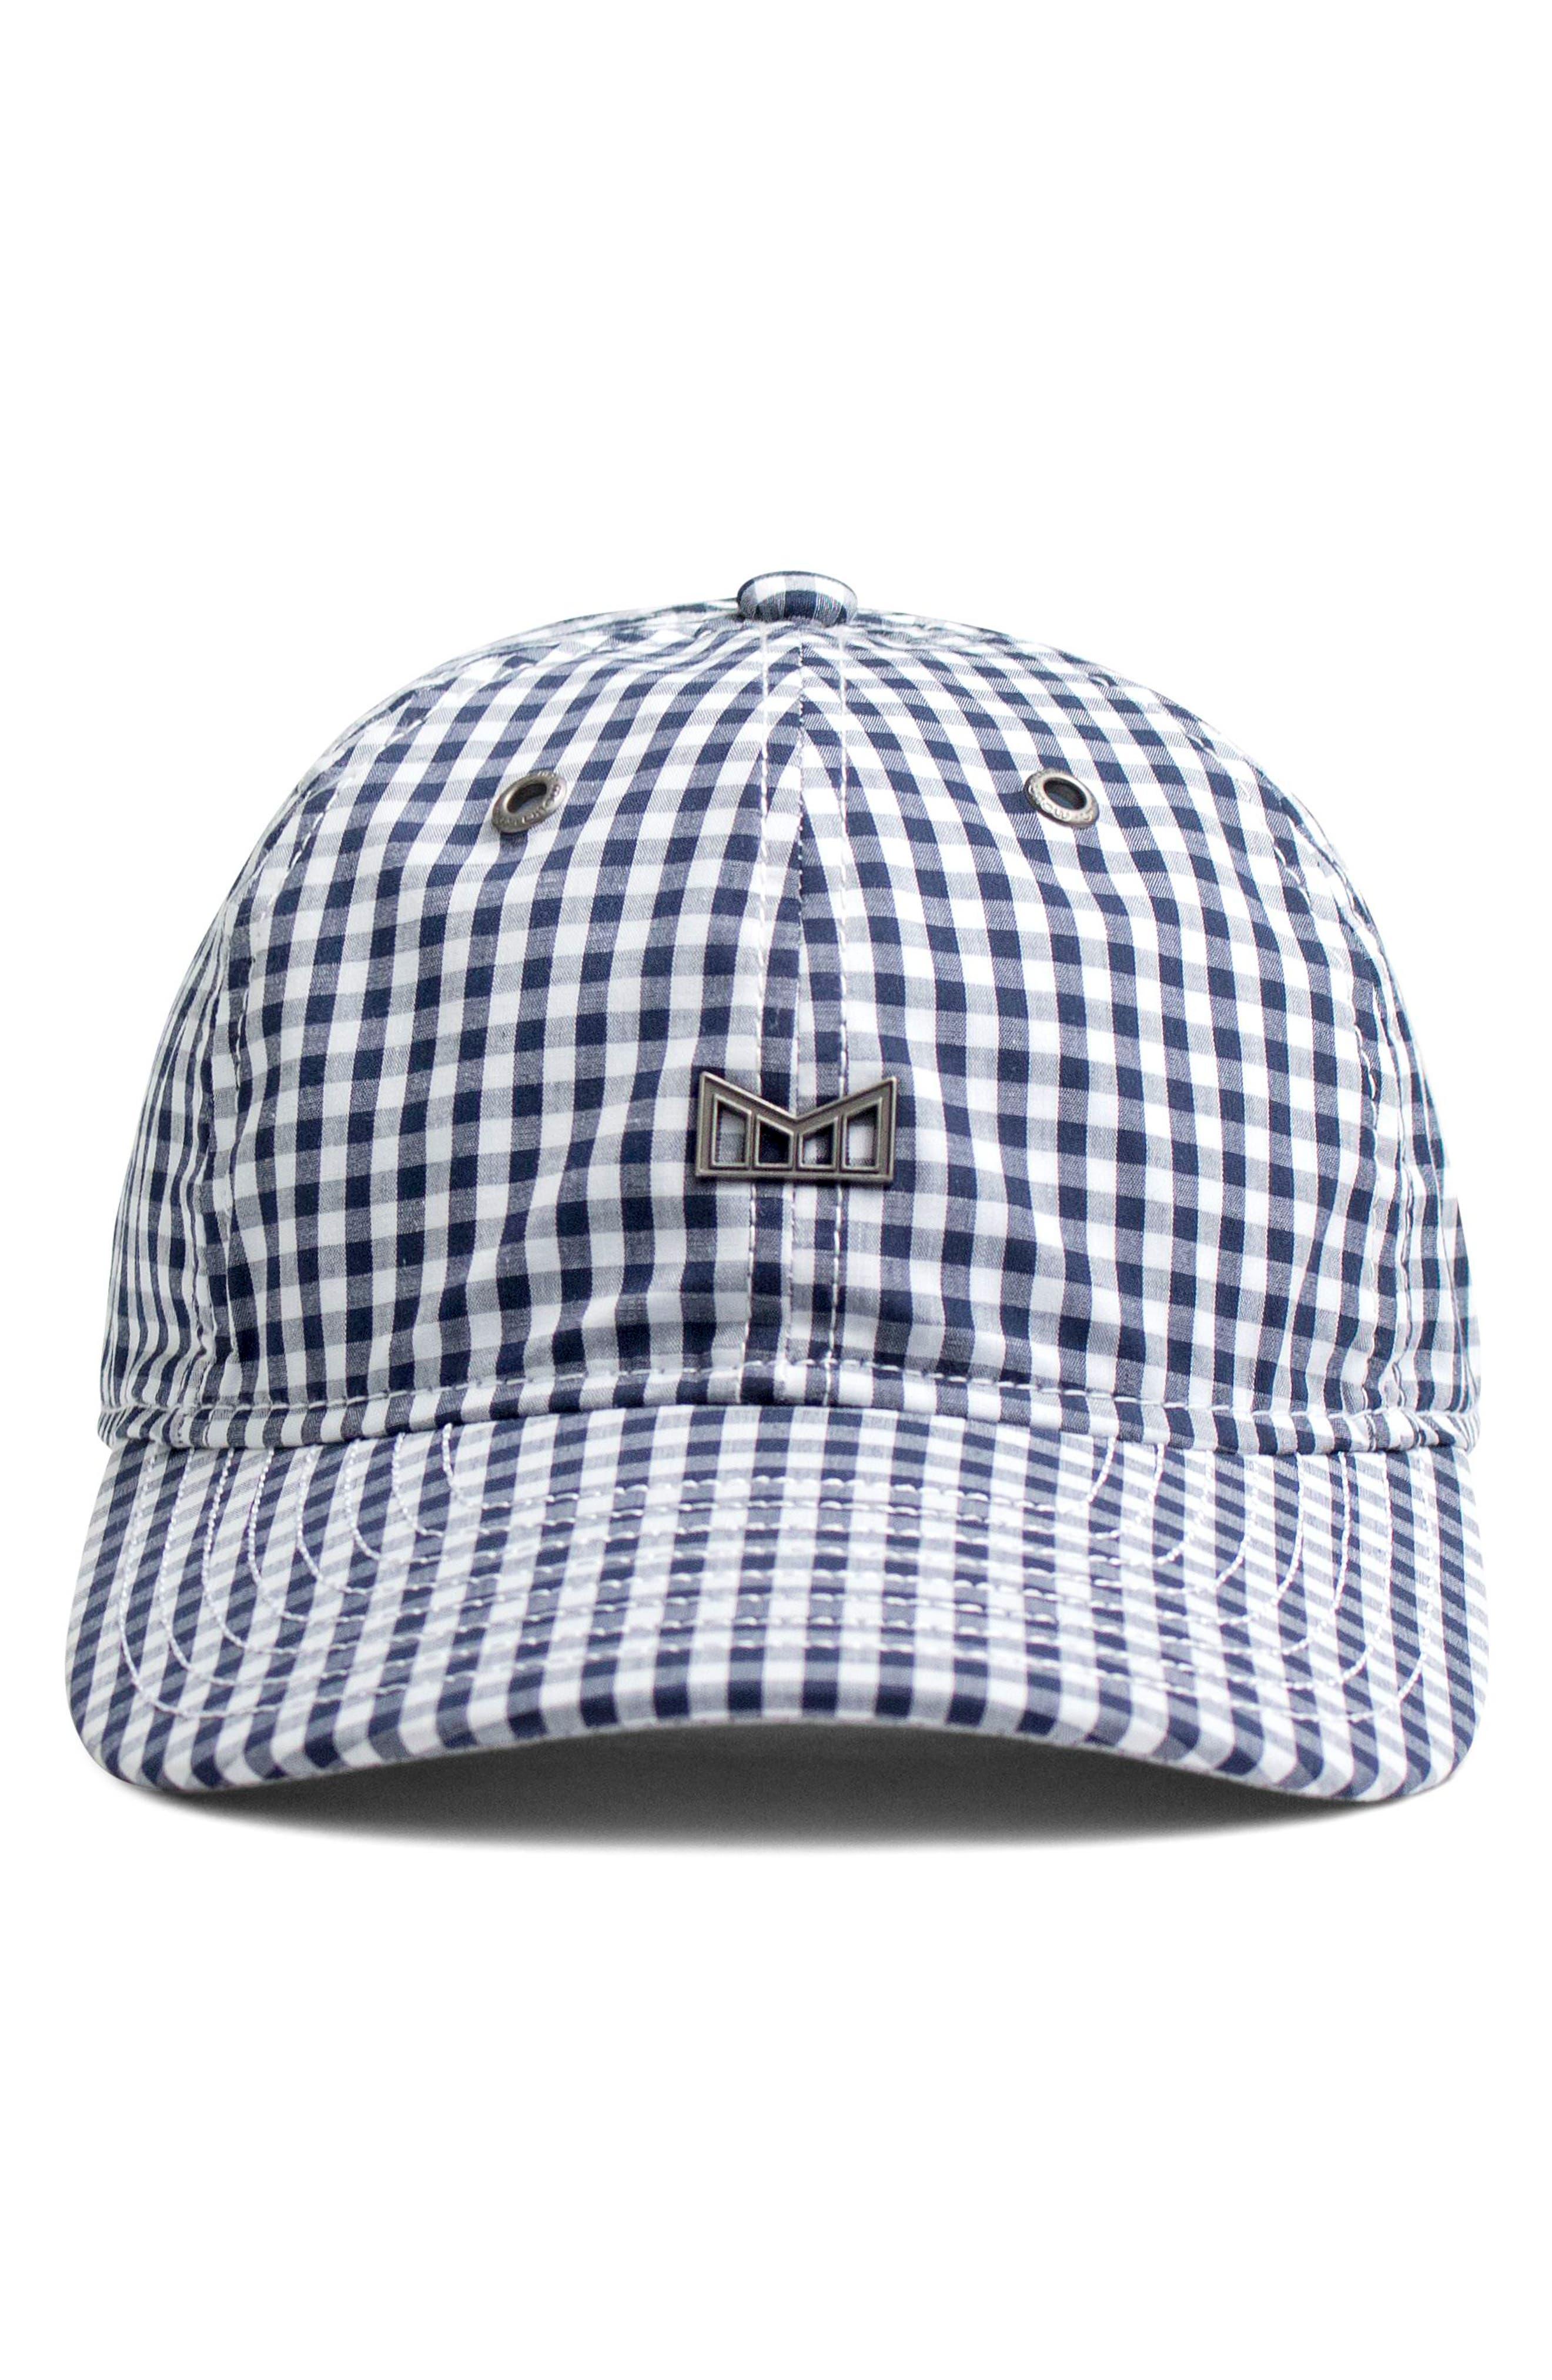 Boathouse Snapback Baseball Cap,                             Alternate thumbnail 6, color,                             461